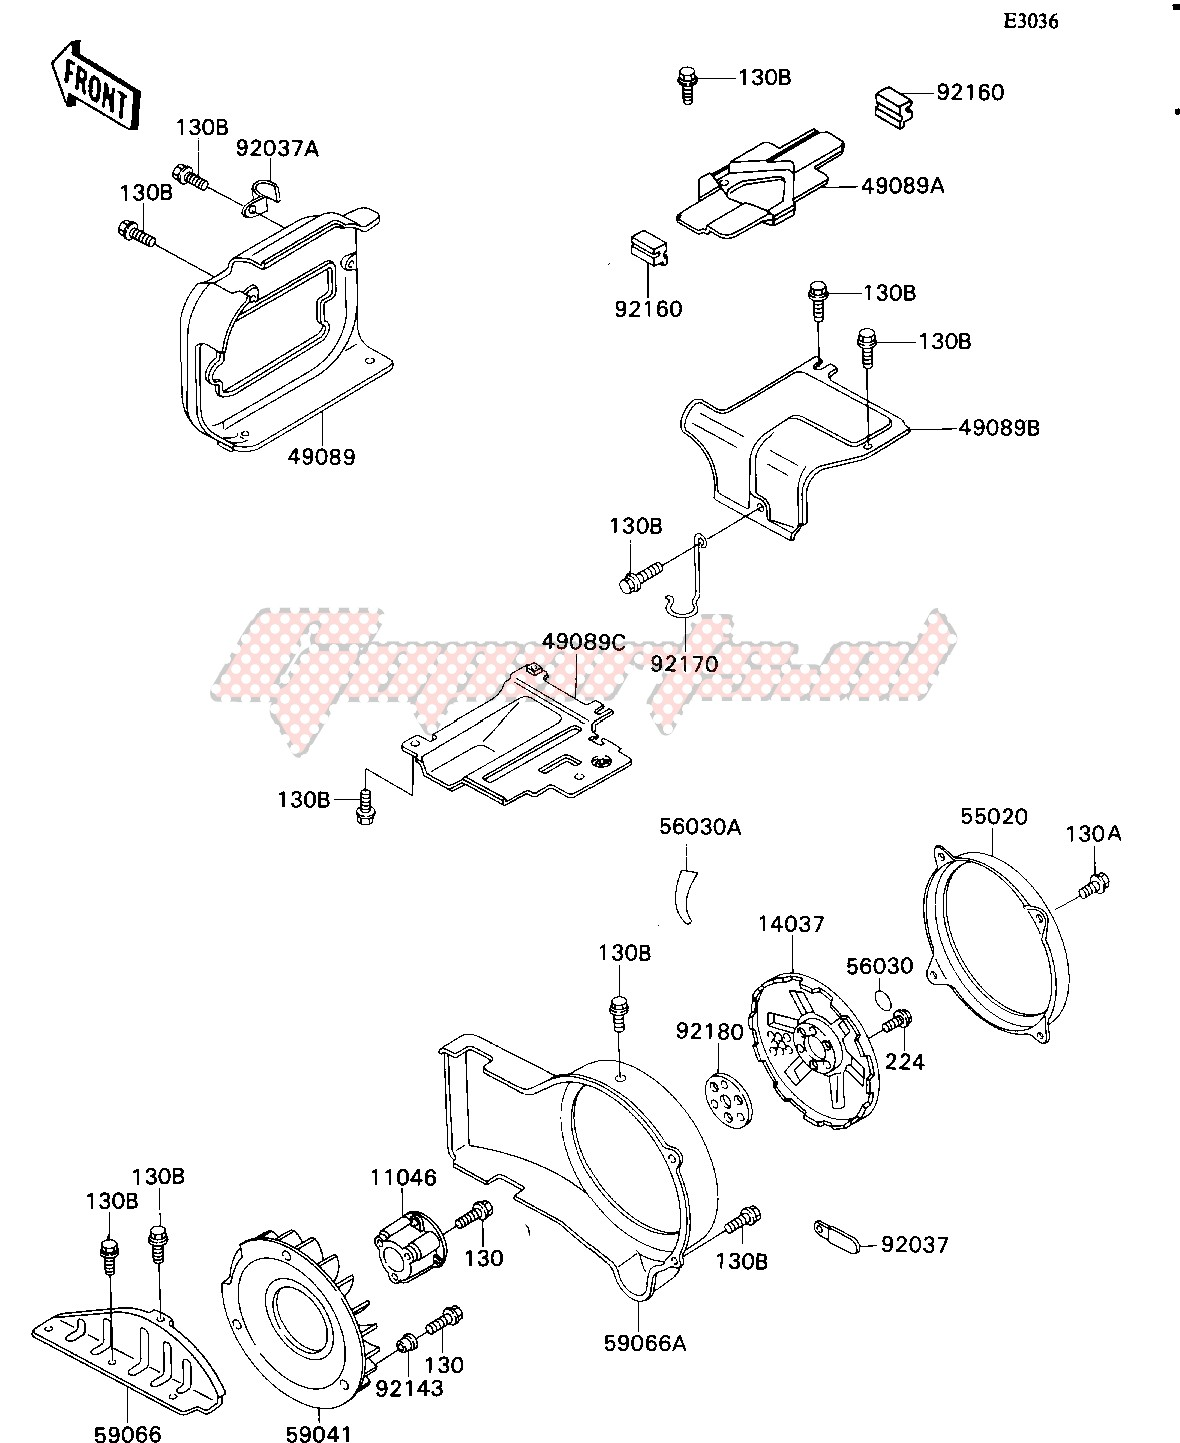 ENGINE SHROUD image